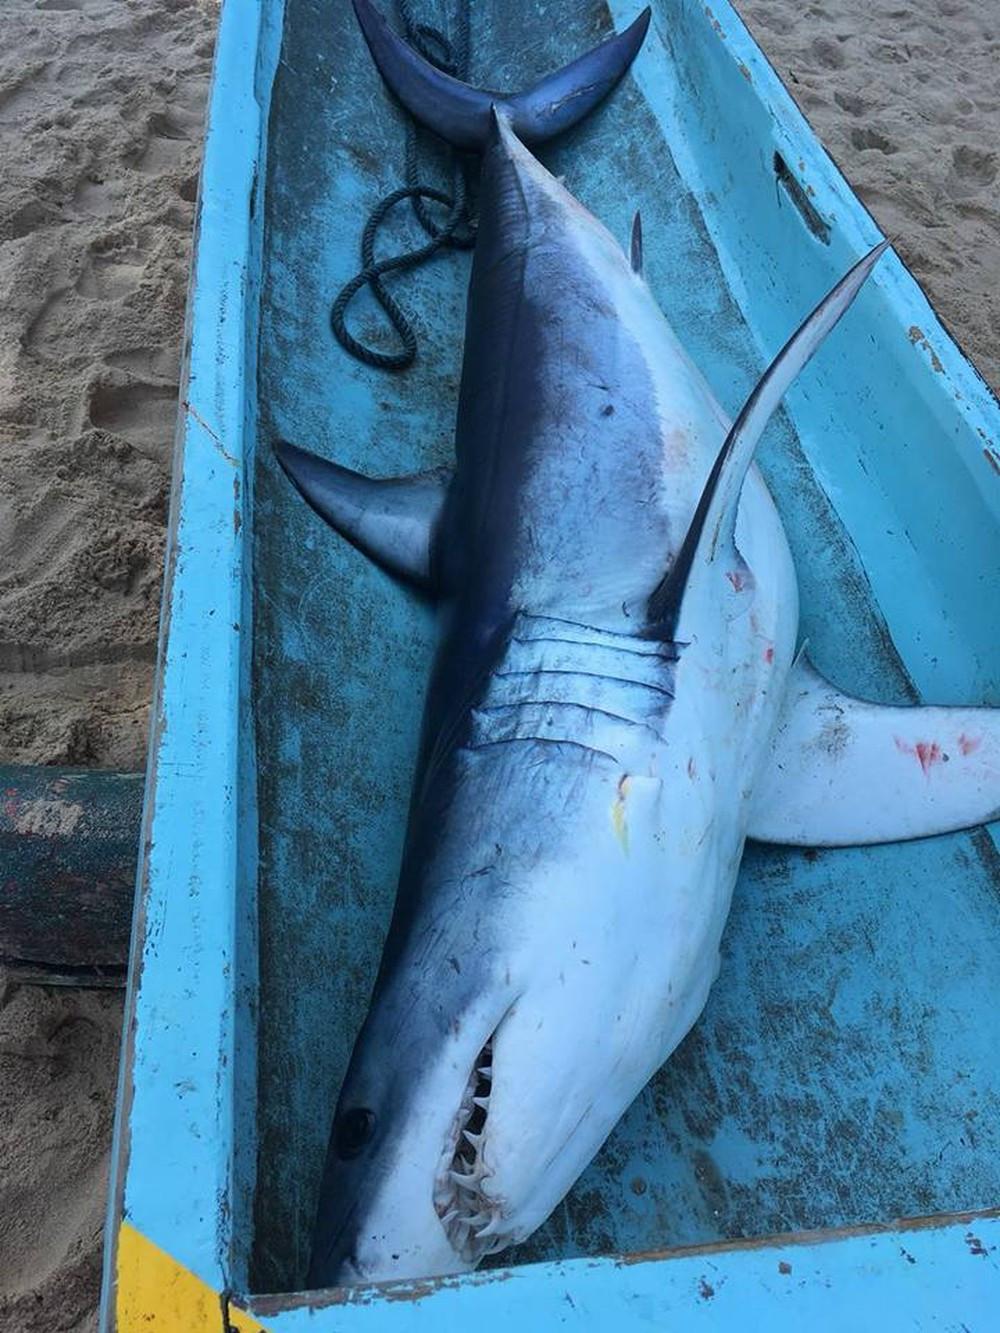 Tubarão é encontrado na praia de Toque Toque em São Sebastião (Foto: Arquivo Pessoal/ Márcio Silvestre)